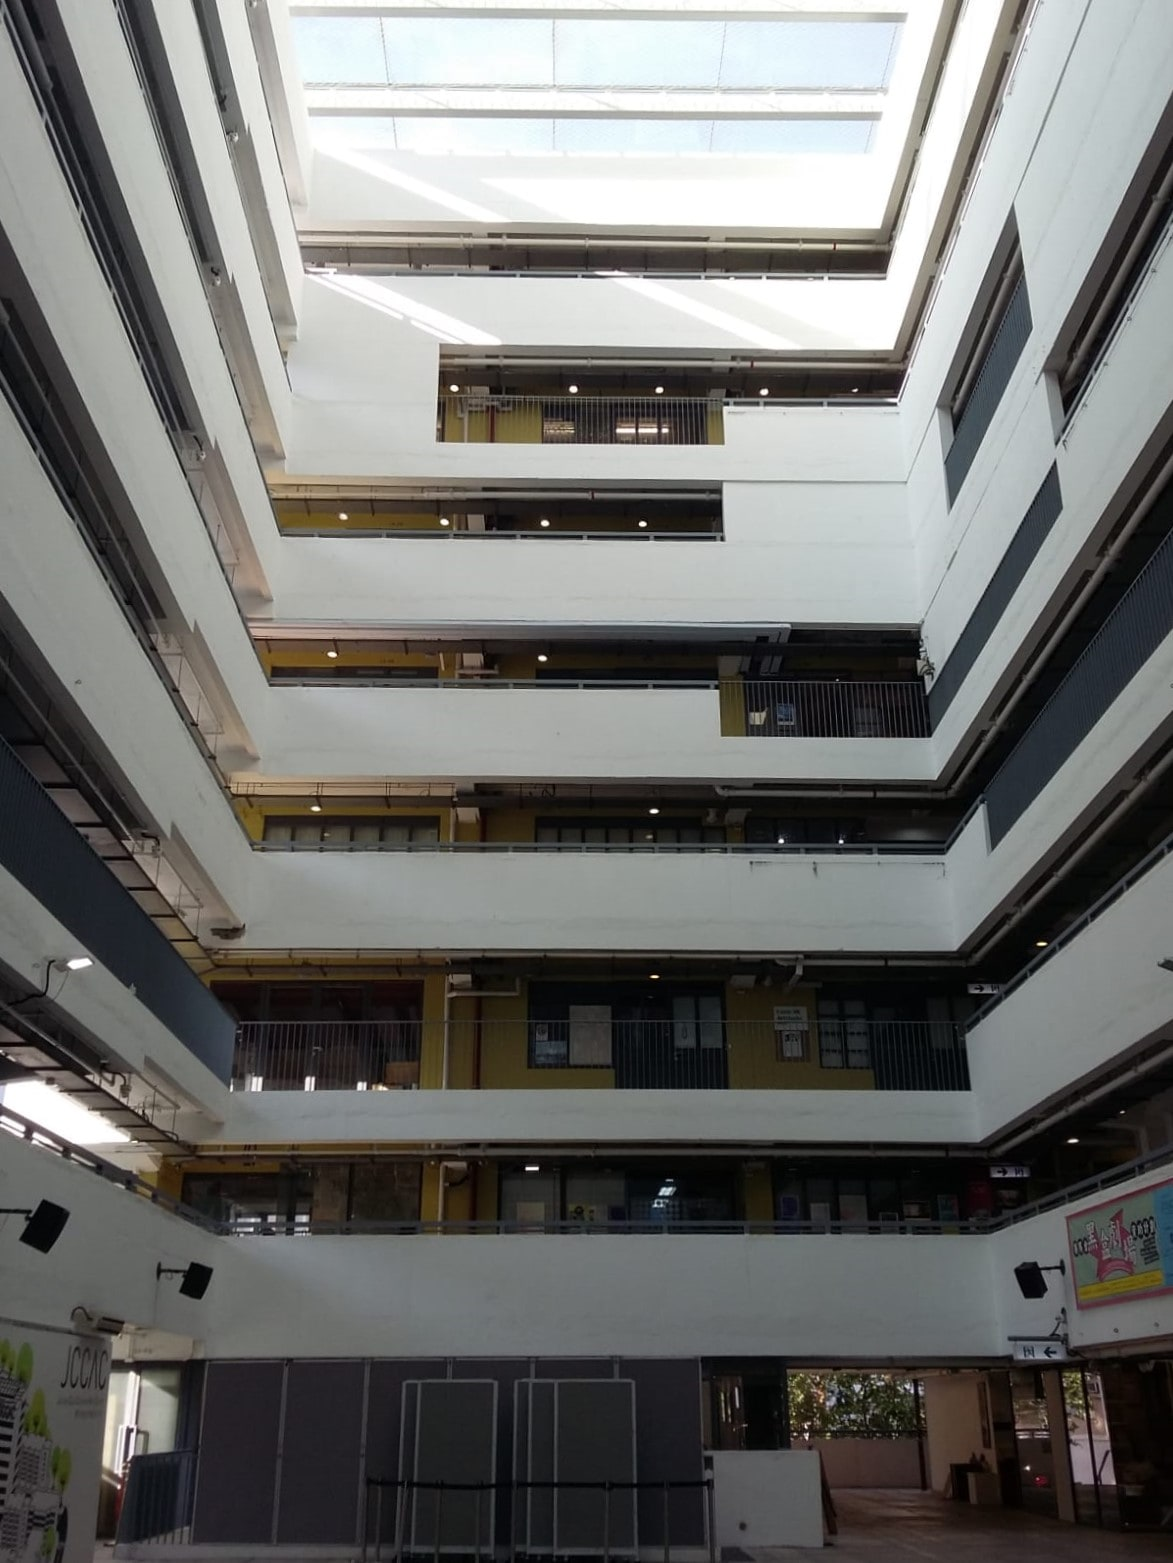 Jockey_Club_Arts_Centre_Interior_Courtyard_HongKong